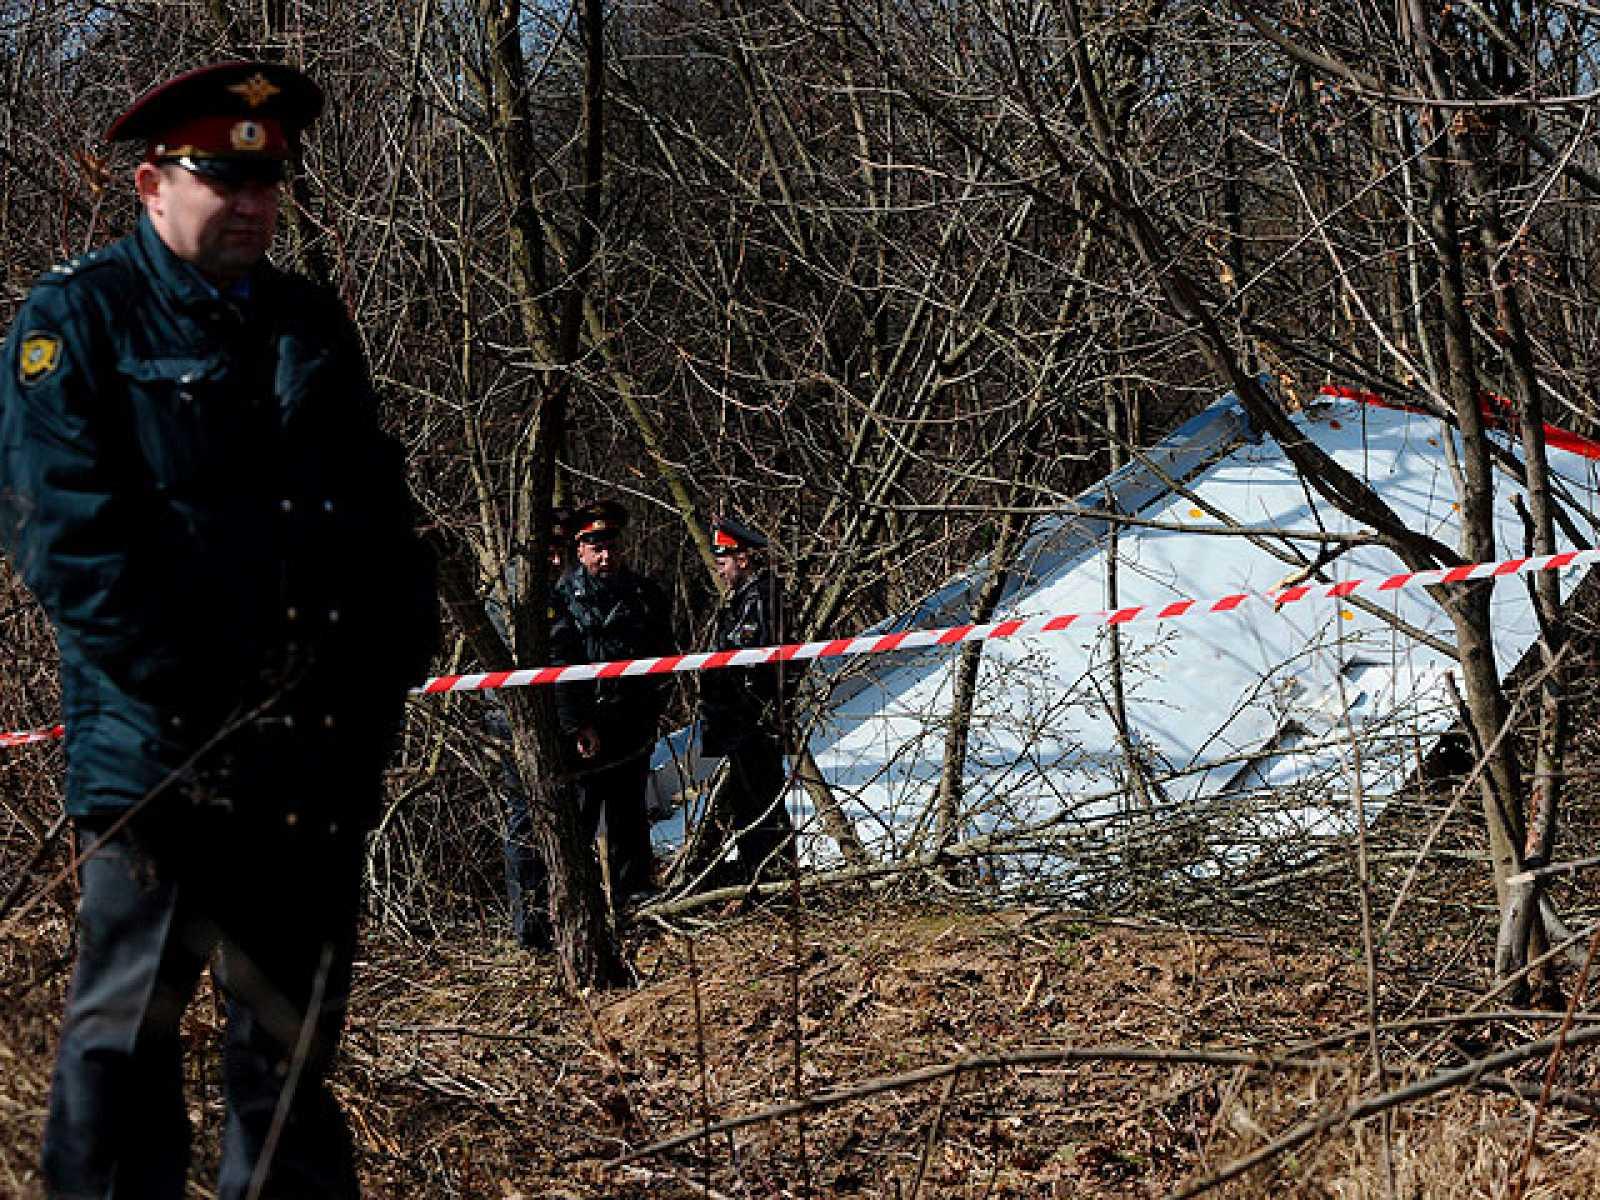 Conmoción en Polonia tras la muerte de su presidente en accidente aéreo